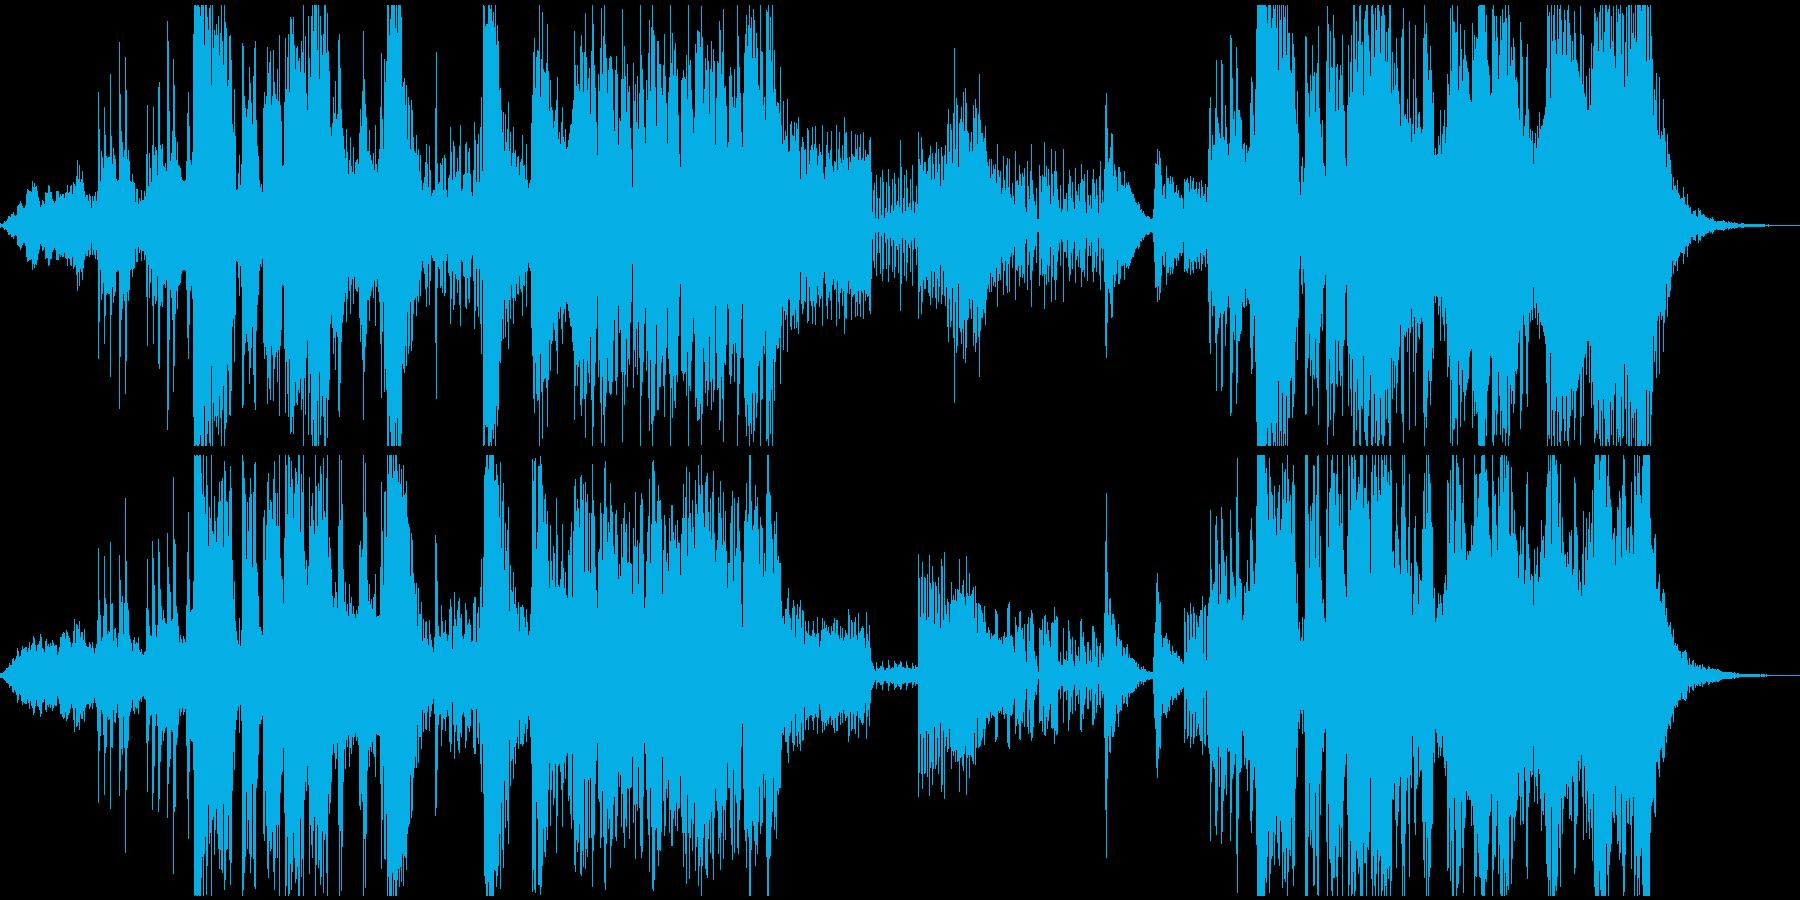 アクション・サスペンス映画の予告編の音楽の再生済みの波形